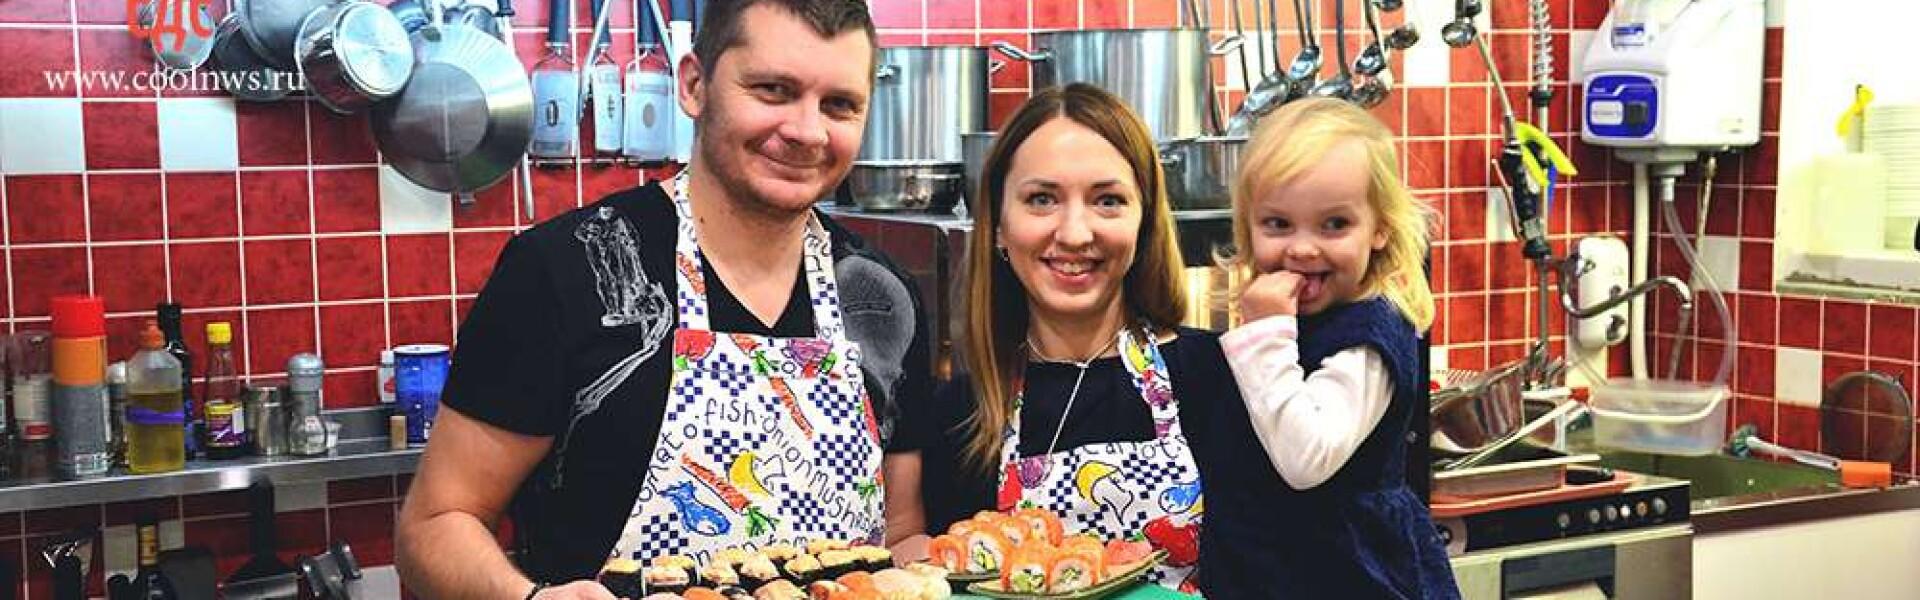 CoolWNS ·Мастер-класс по приготовлению суши и роллов